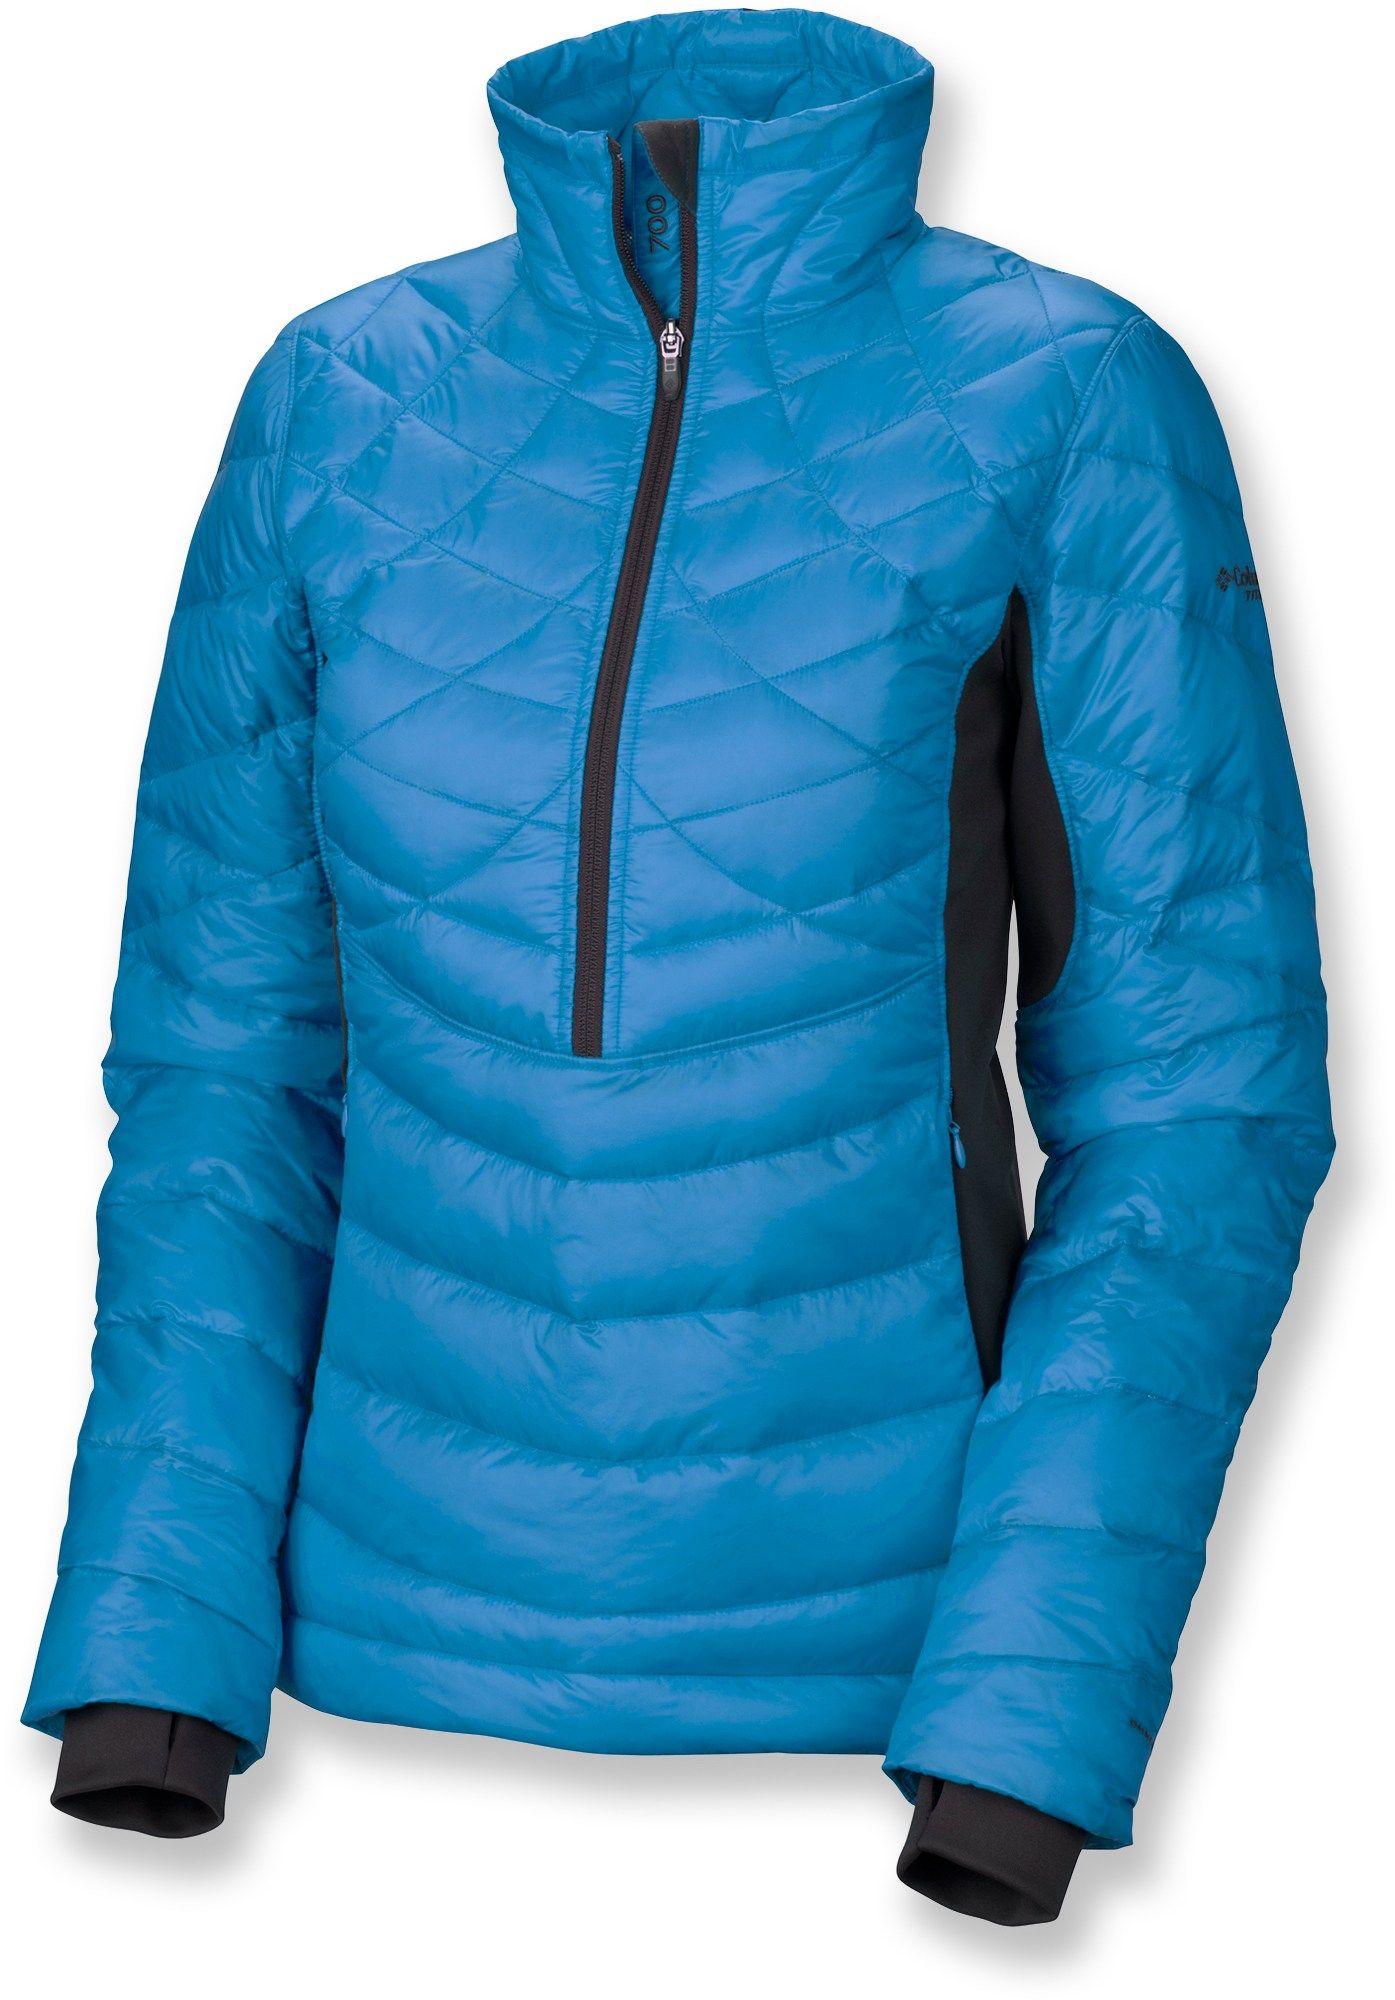 Rei columbia womens ski jacket